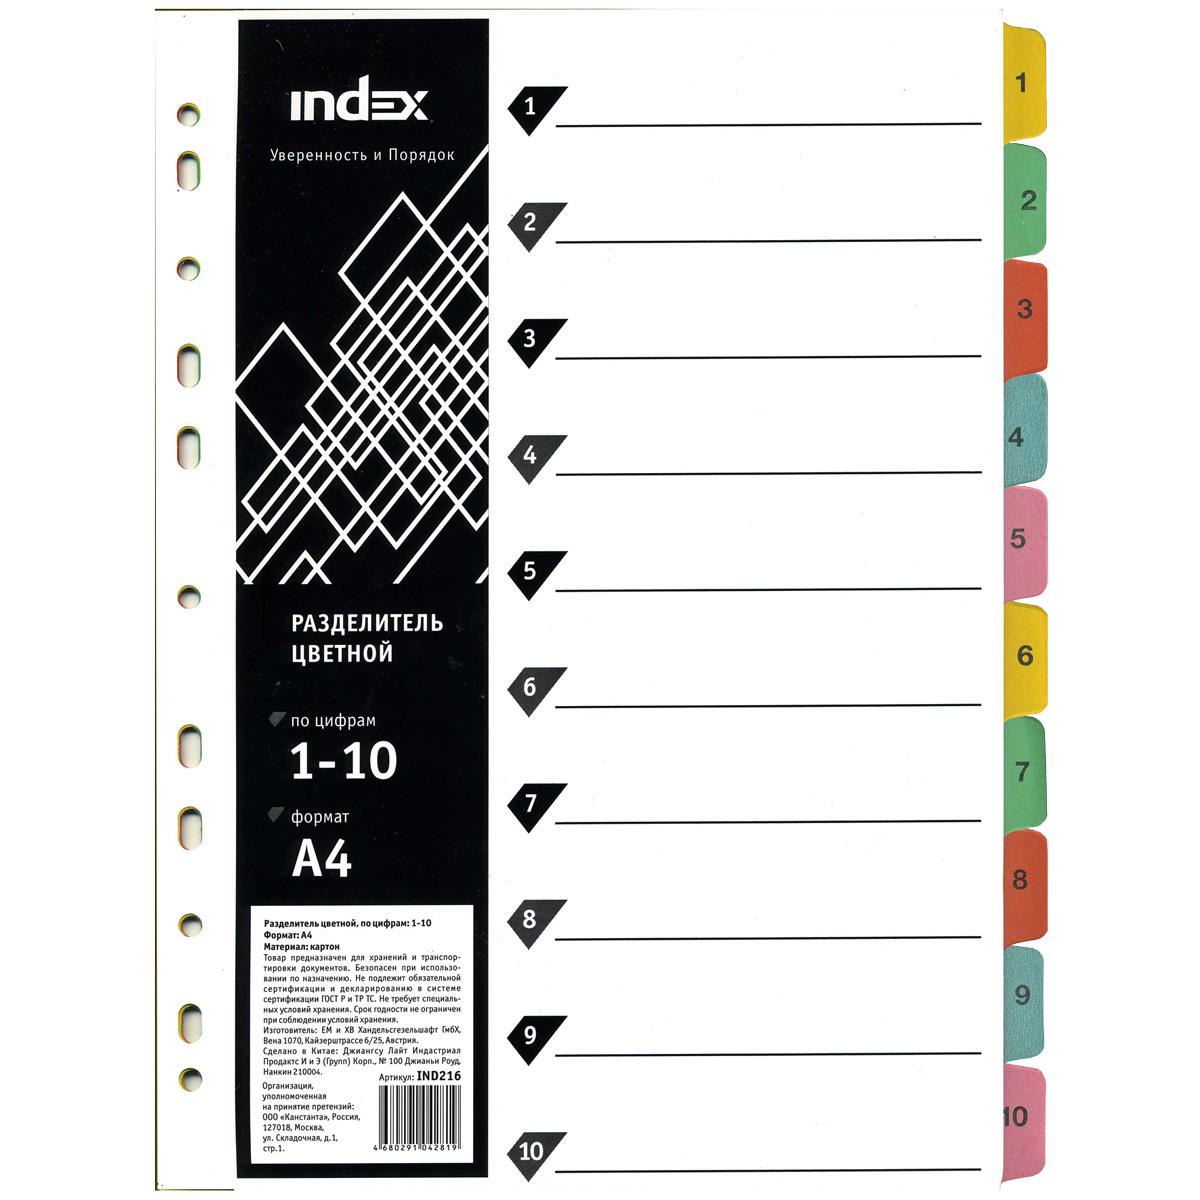 Index Разделитель картонный цифровой 1-10 А4IND216Разделитель с мультиперфорацией для папок с арочным механизмом или на кольцах выполнен из высококачественного переработанного картона плотностью 160 г/м2.. Формат А4 (297*210мм). 10 разделов с индексацией по цифрам. Титульный лист из белой бумаги.